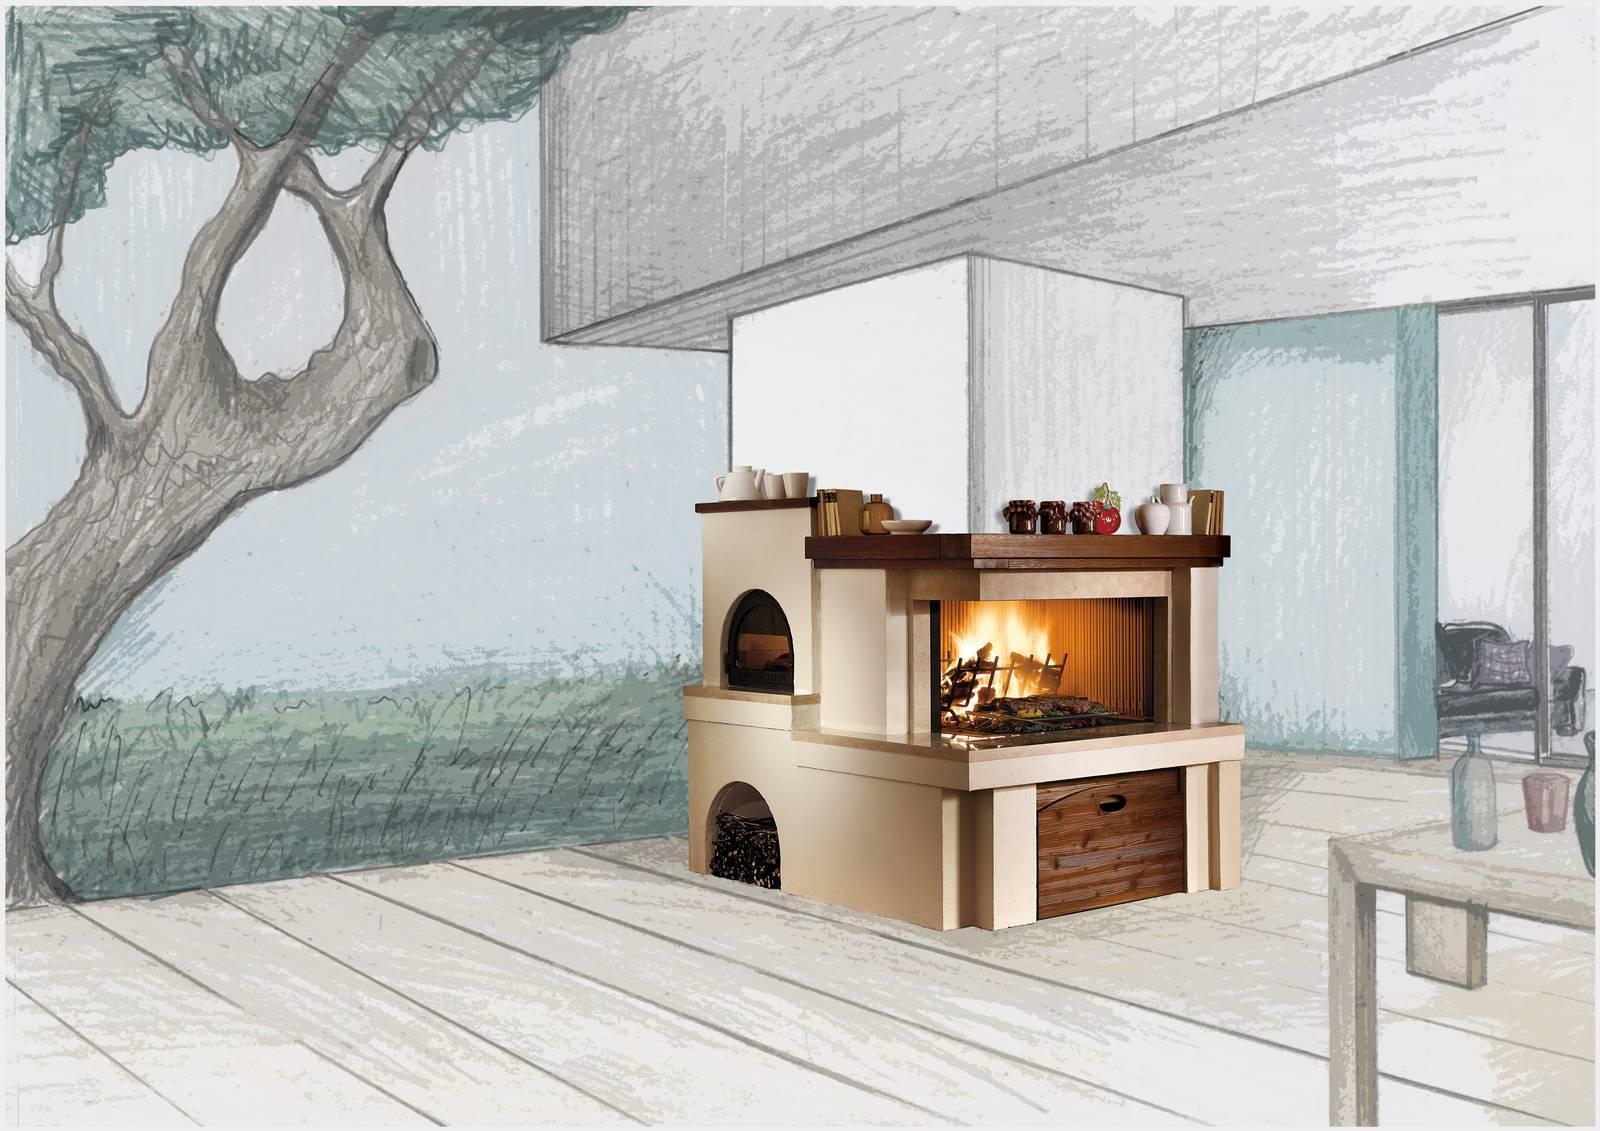 Piano Cottura In Muratura barbecue in muratura, da installare senza permessi. foto